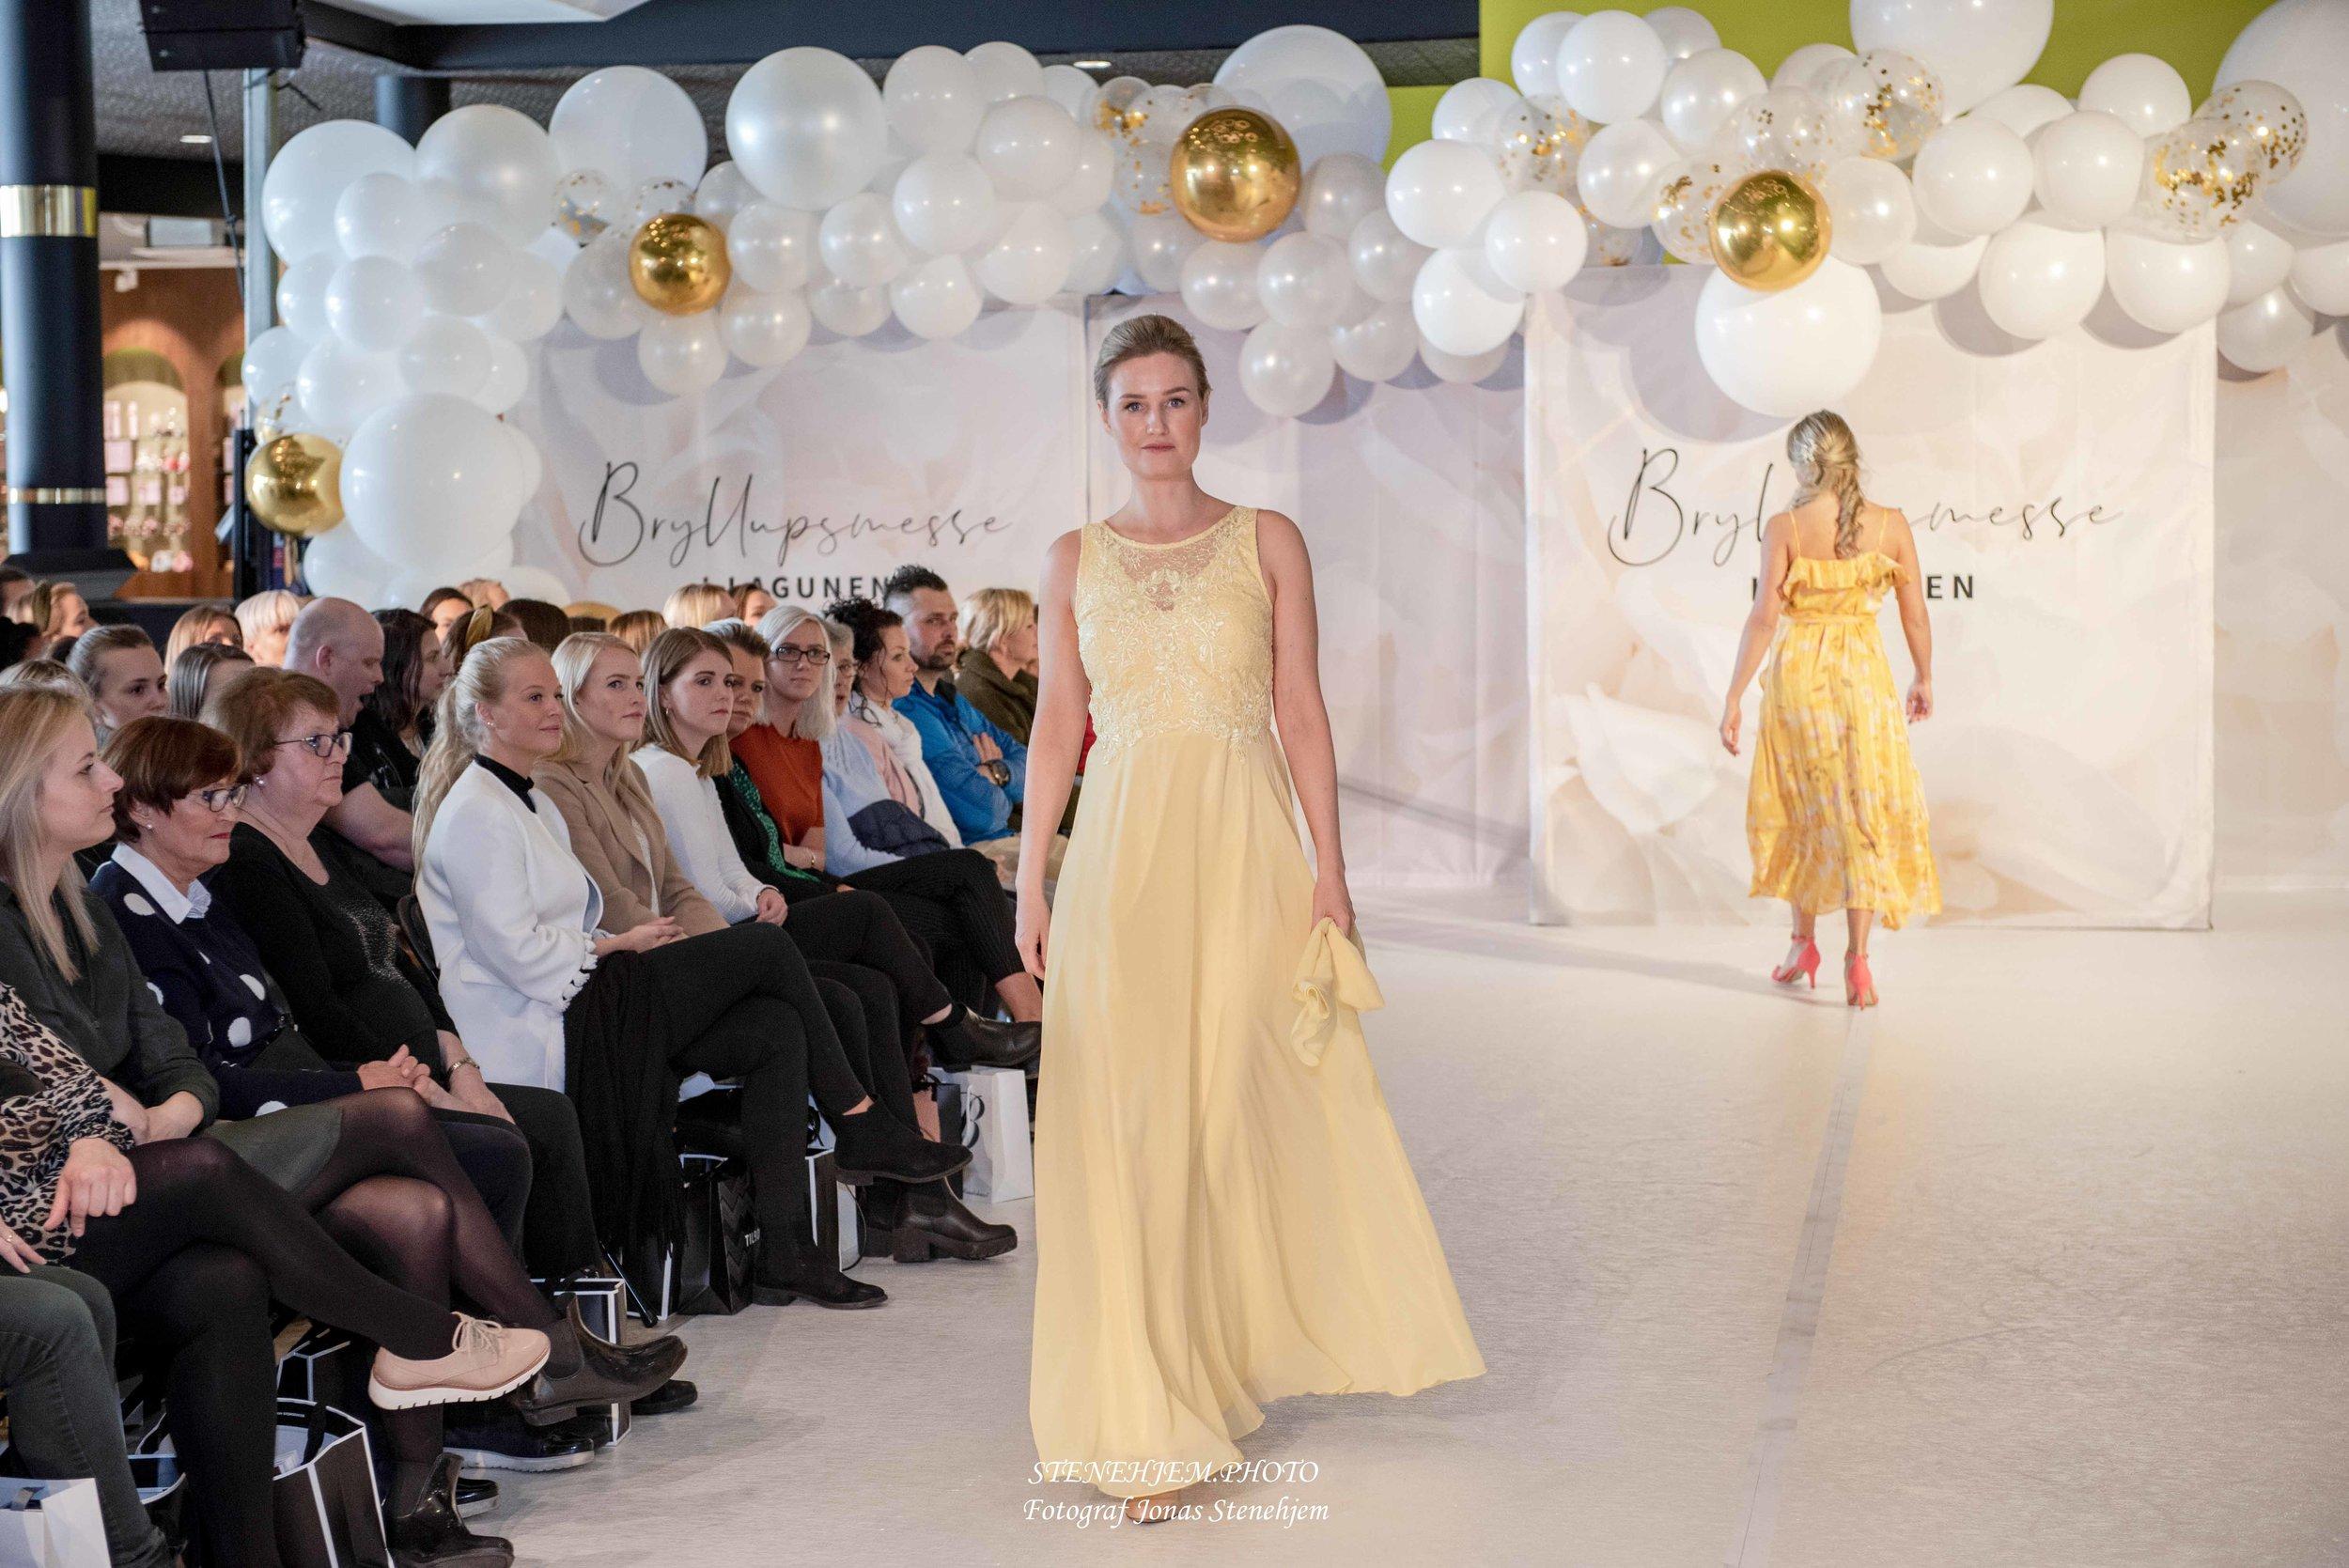 lagunen_fashion_mittaltweddingfair__014.jpg